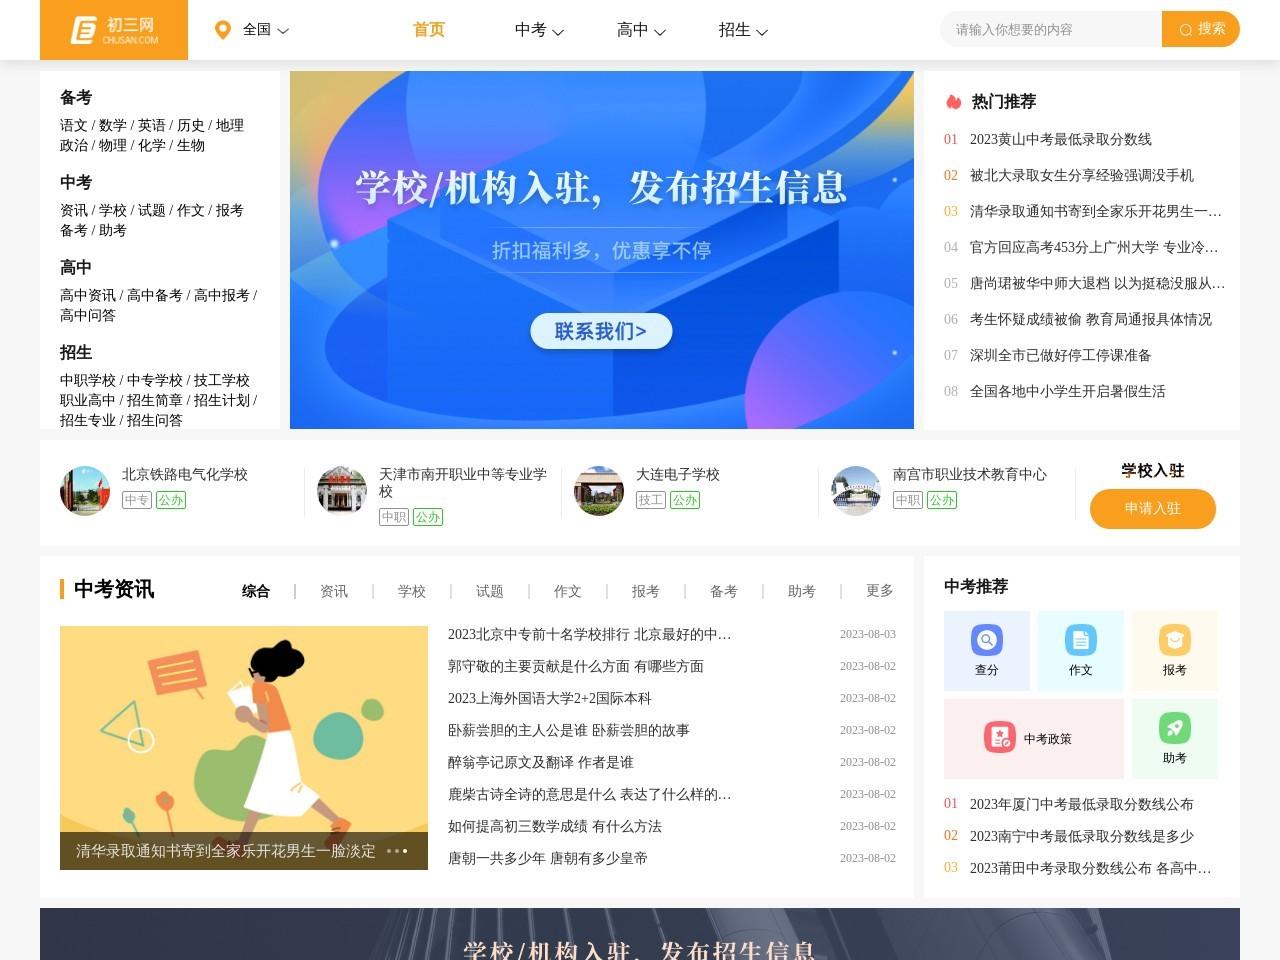 初三网_初中生学习资源与中考资讯平台